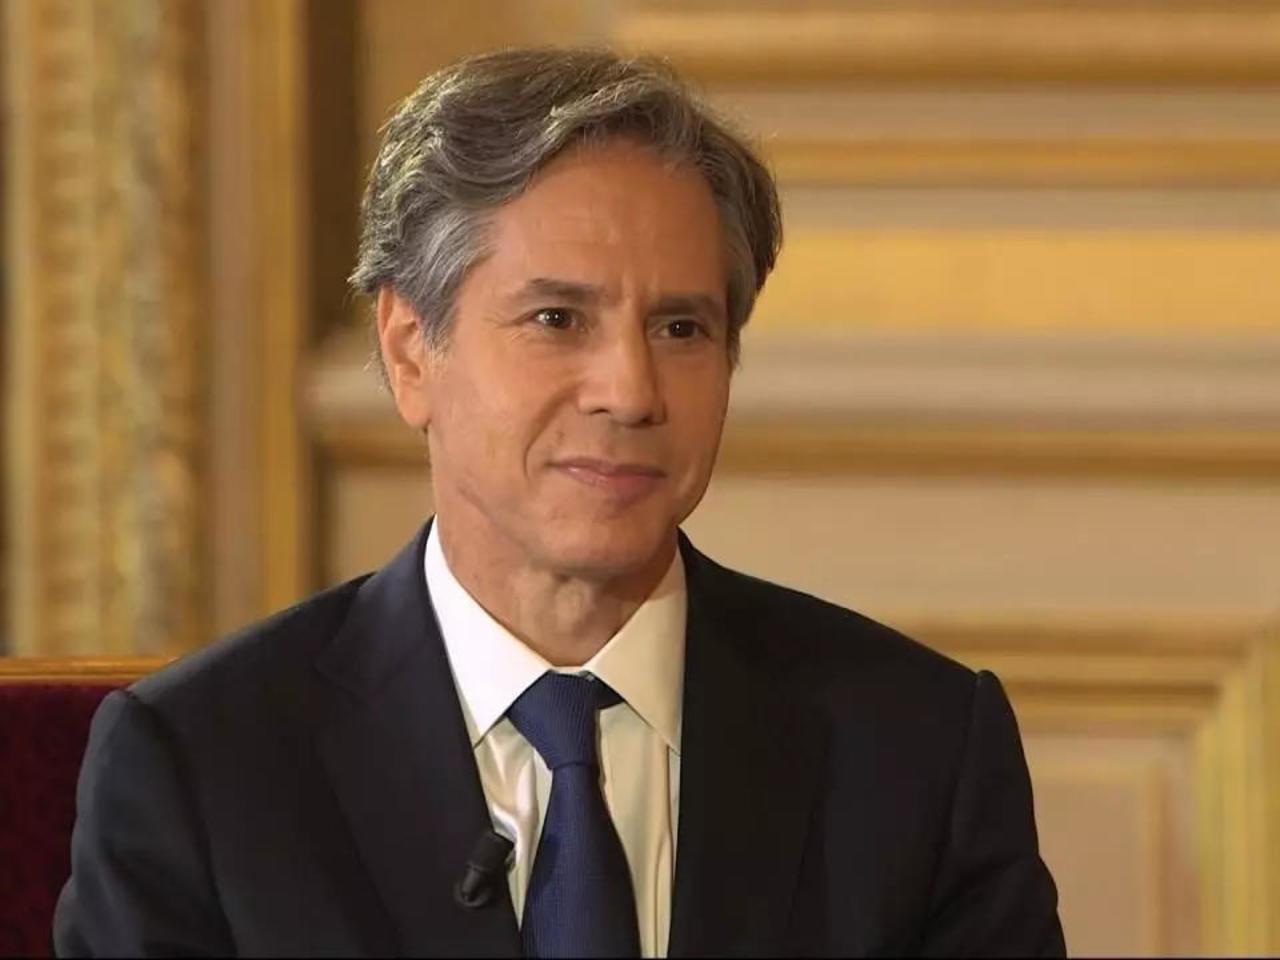 بلينكن: التفاوض مع إيران لا يمكن أن يستمر إلى ما لا نهاية